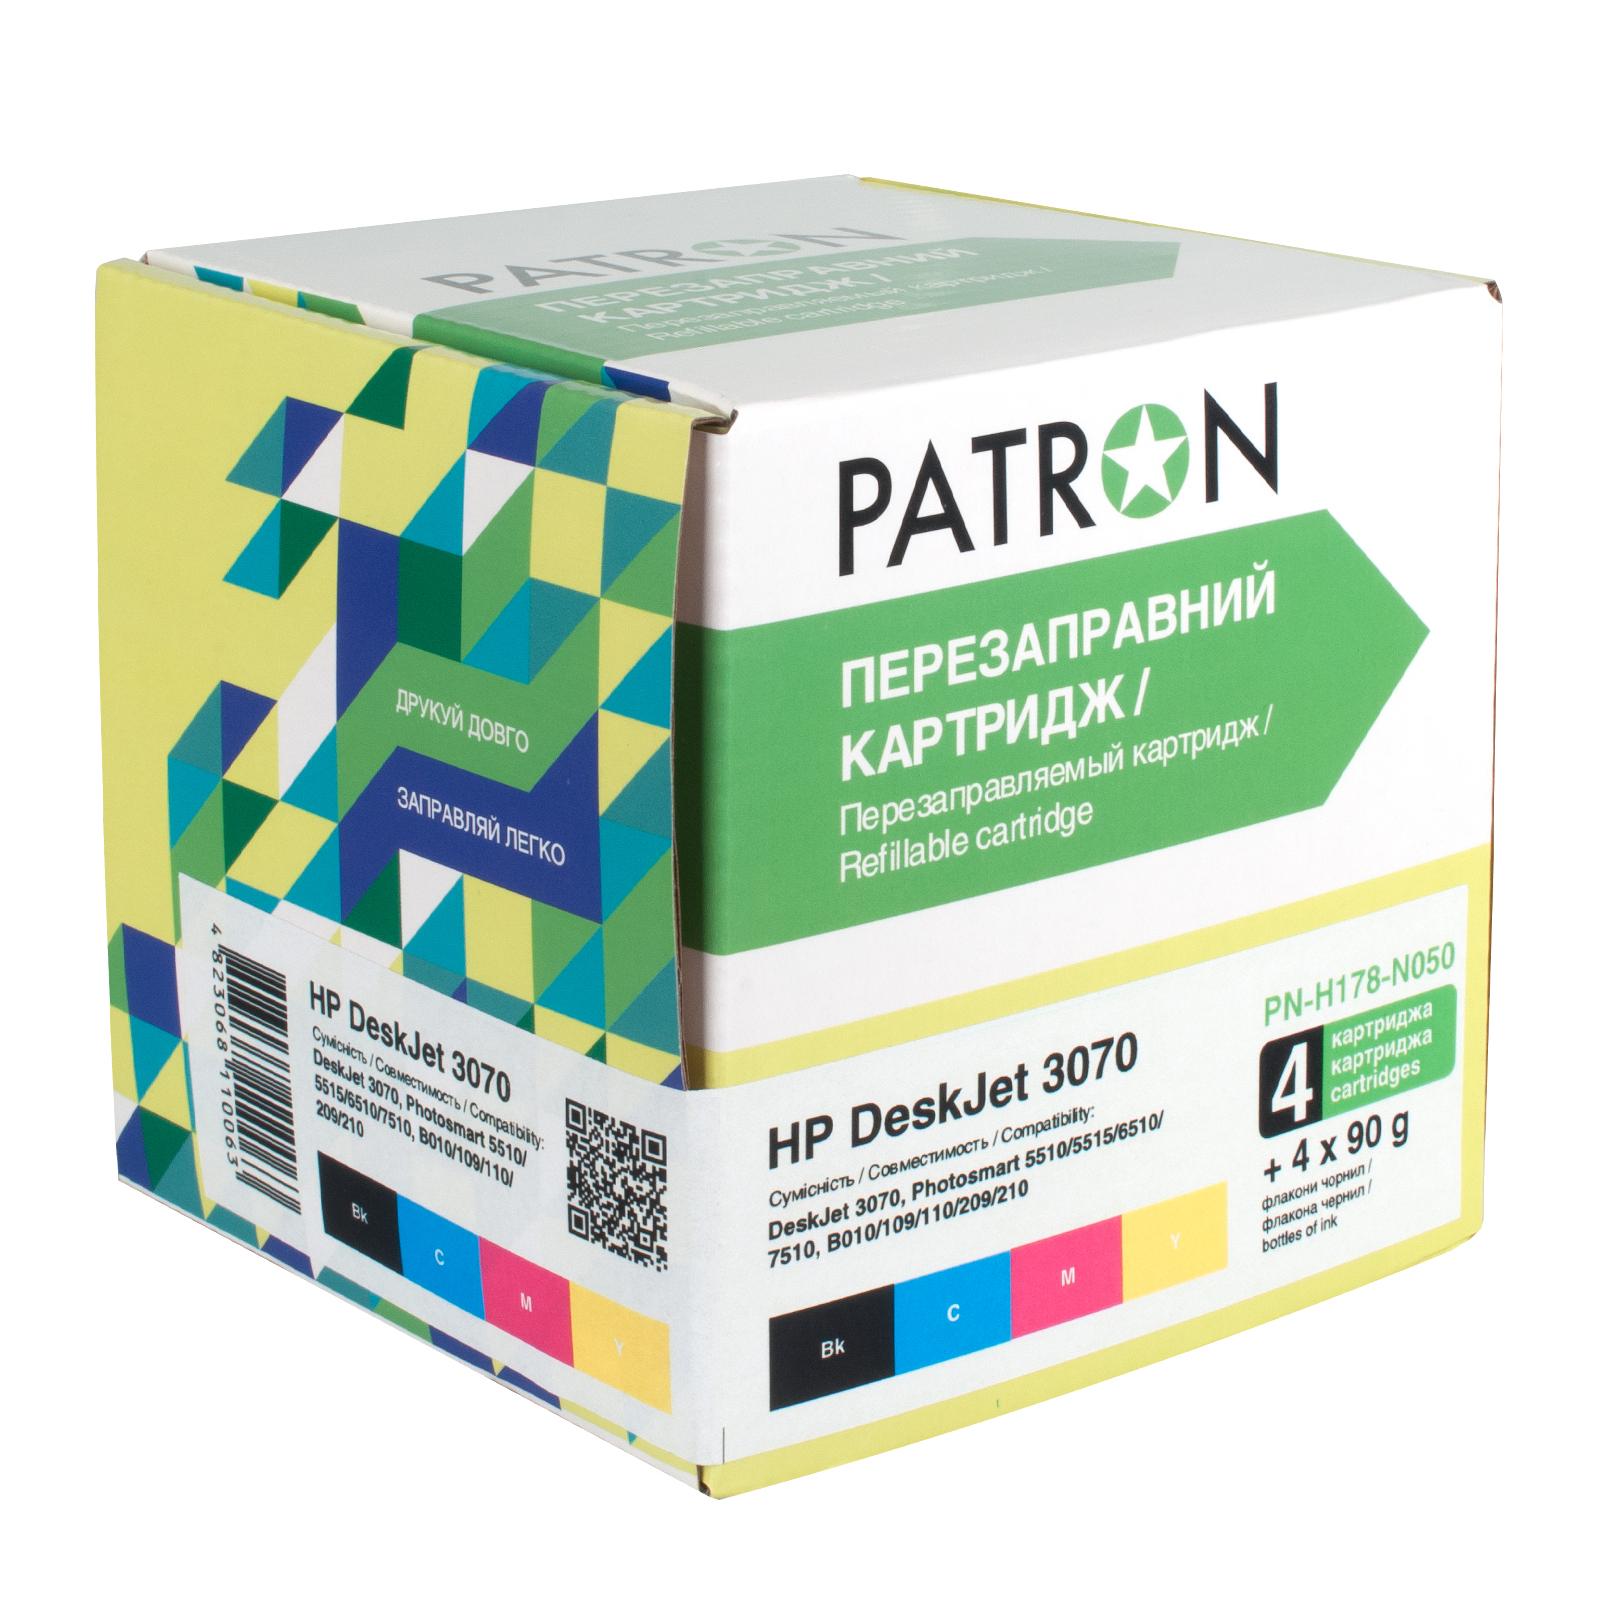 Комплект перезаправляемых картриджей PATRON HP DeskJet 3070 w/chip (4шт+чрн) (PN-H178-050C)